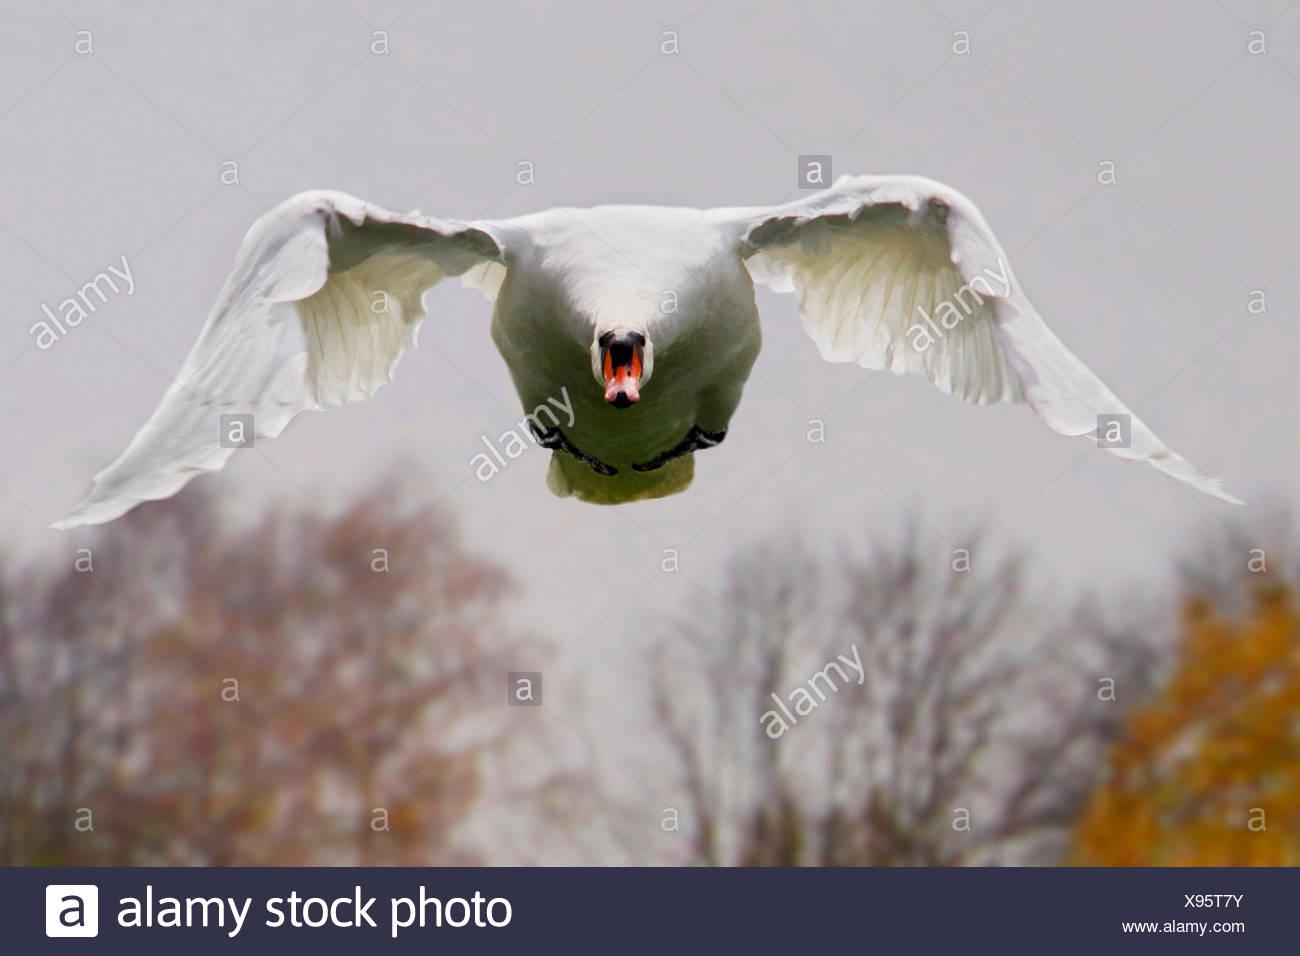 Cisne (Cygnus olor), en vuelo vista delantera, Alemania Imagen De Stock